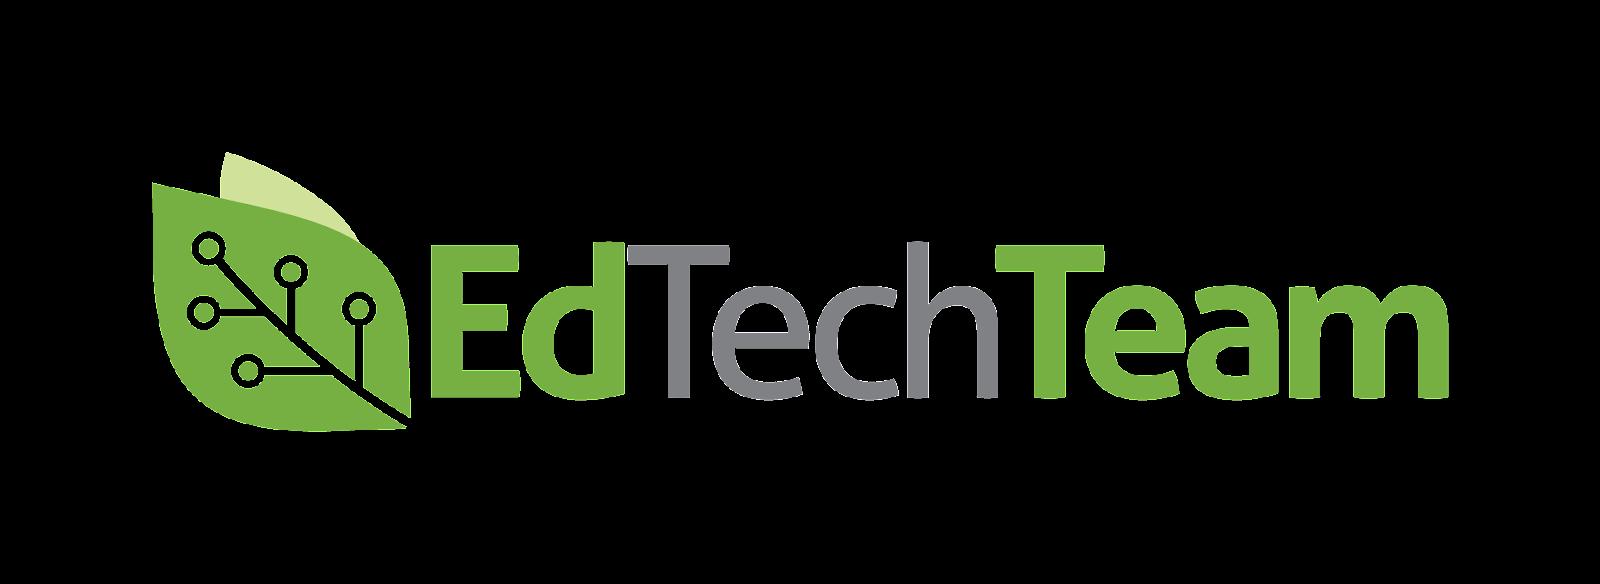 EdTechTeam_logo_FNL.png